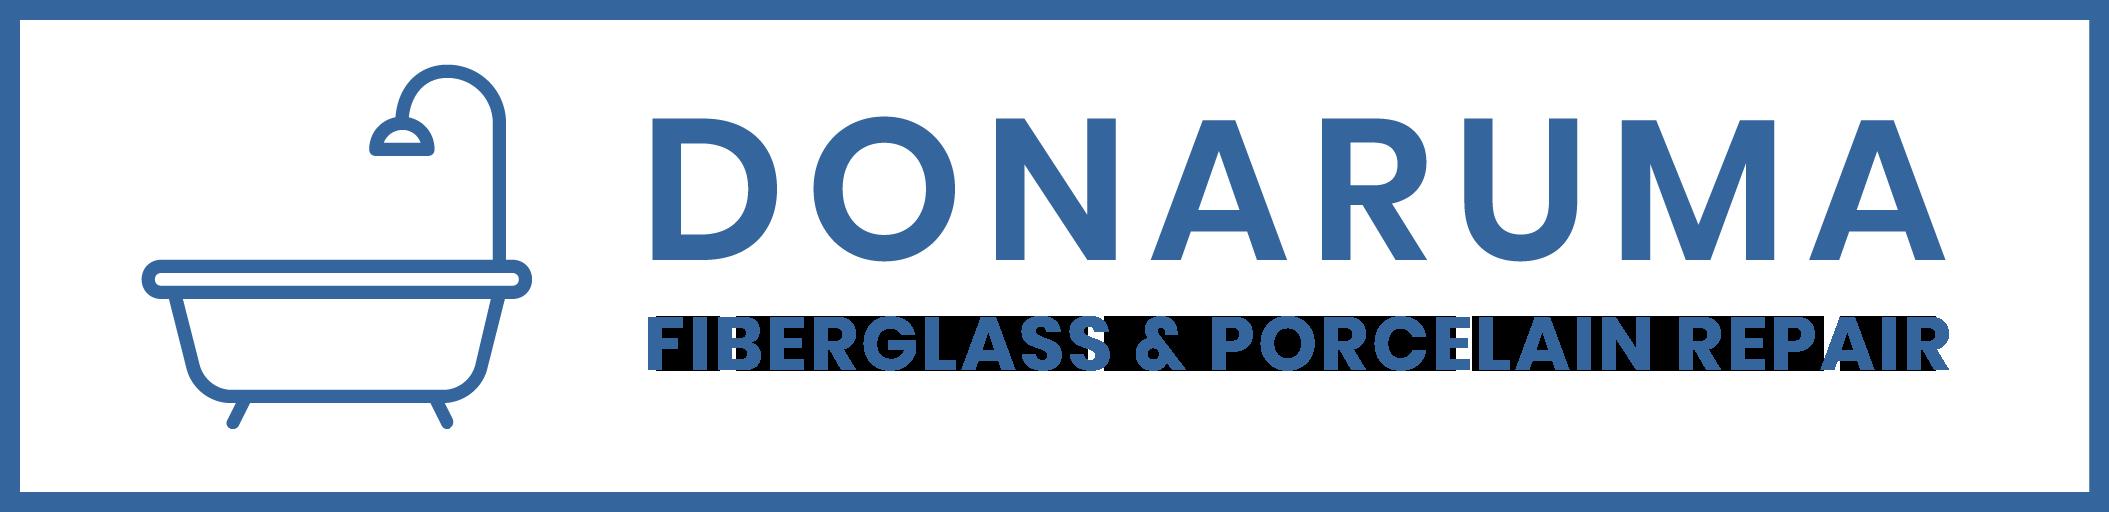 Donaruma Fiberglass Repair – Fiberglass & Porcelain Repair in ...